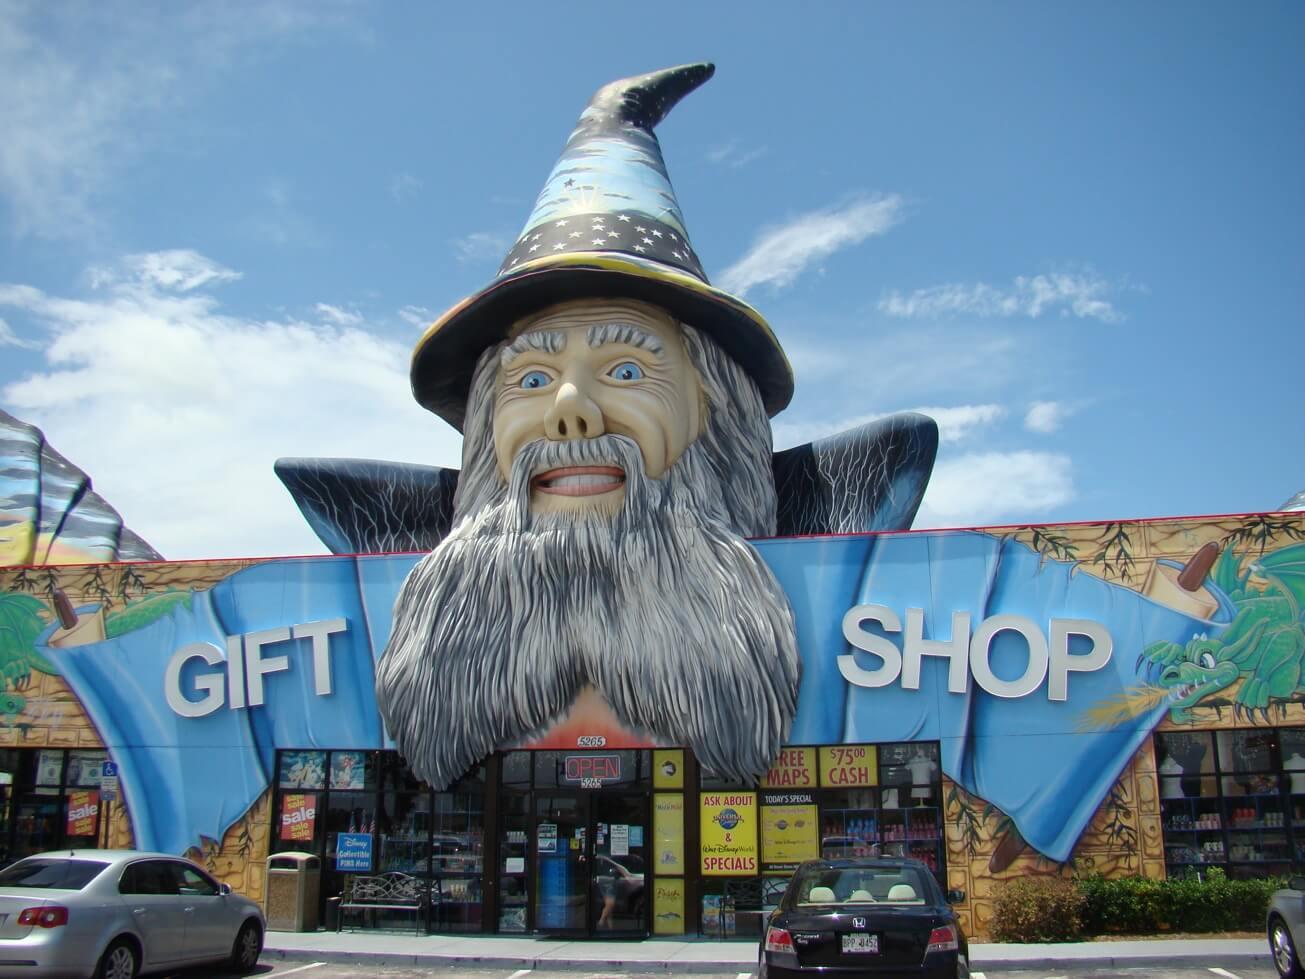 O que fazer em Kissimmee: Gift Shop